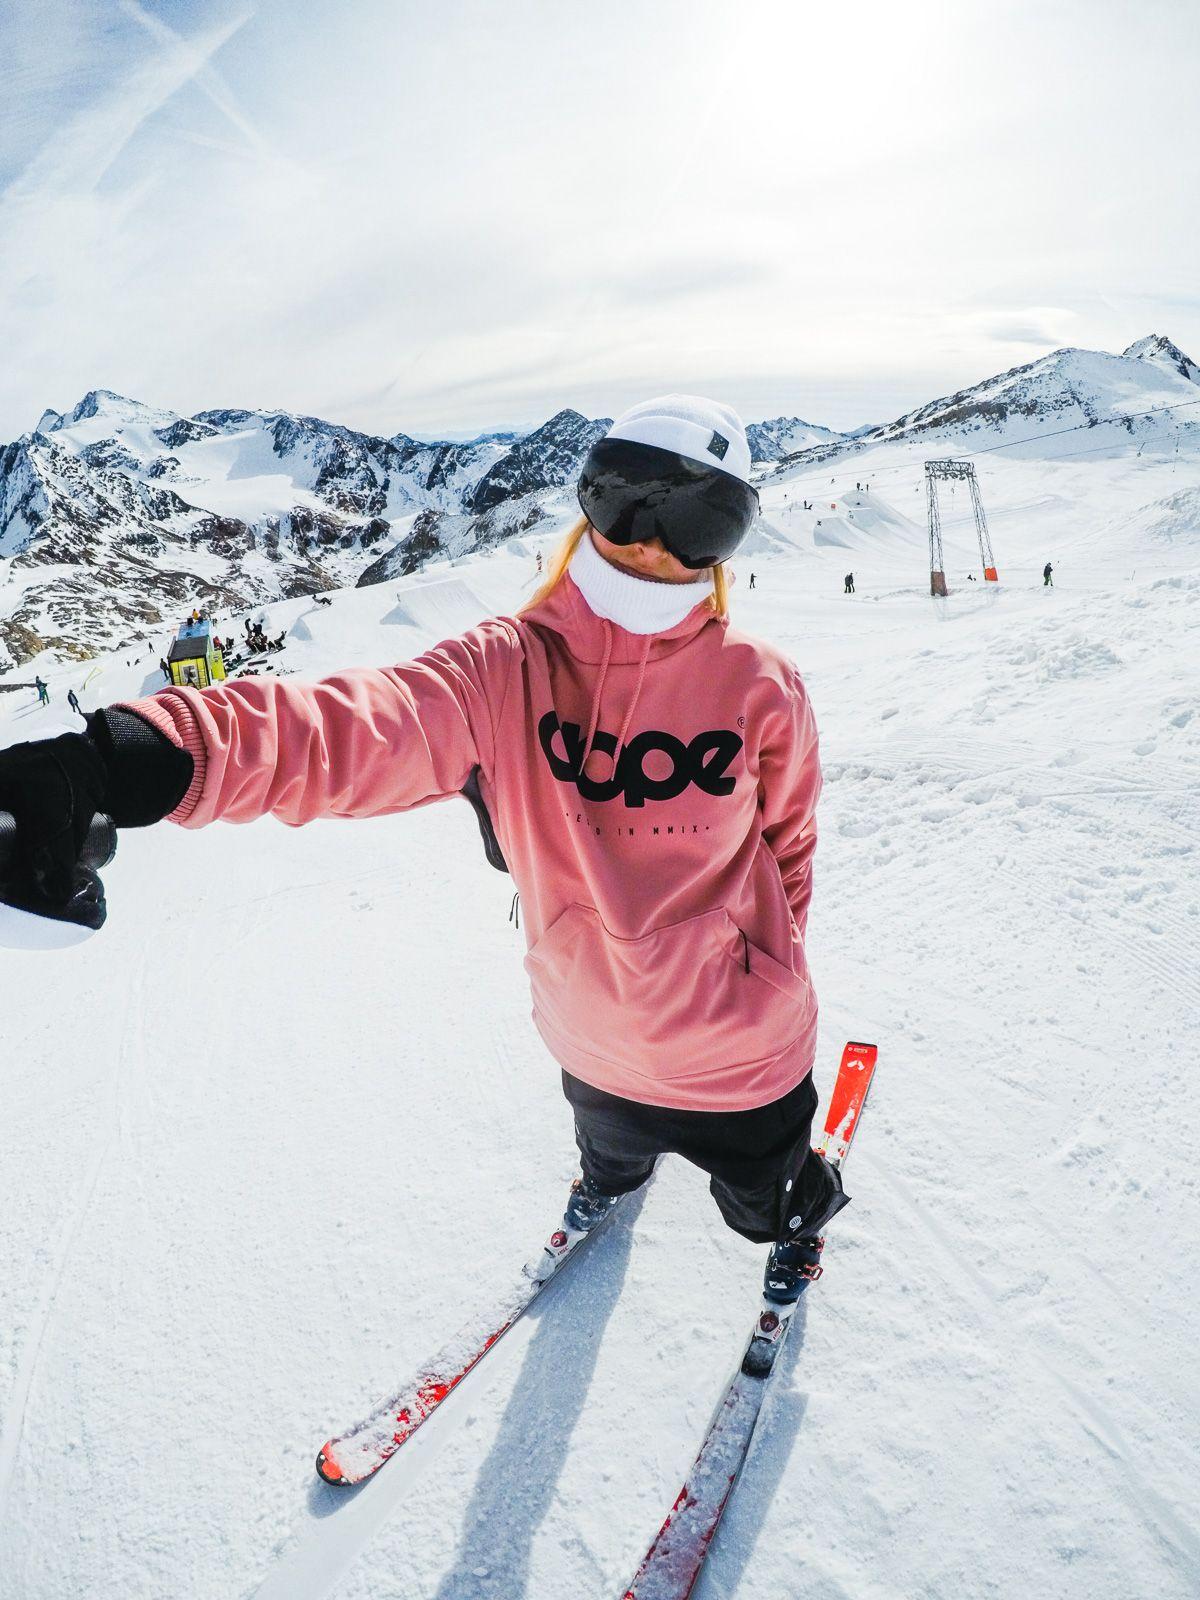 snowboard gear womens | Snowboarding gear, Skiing, Ski fashion